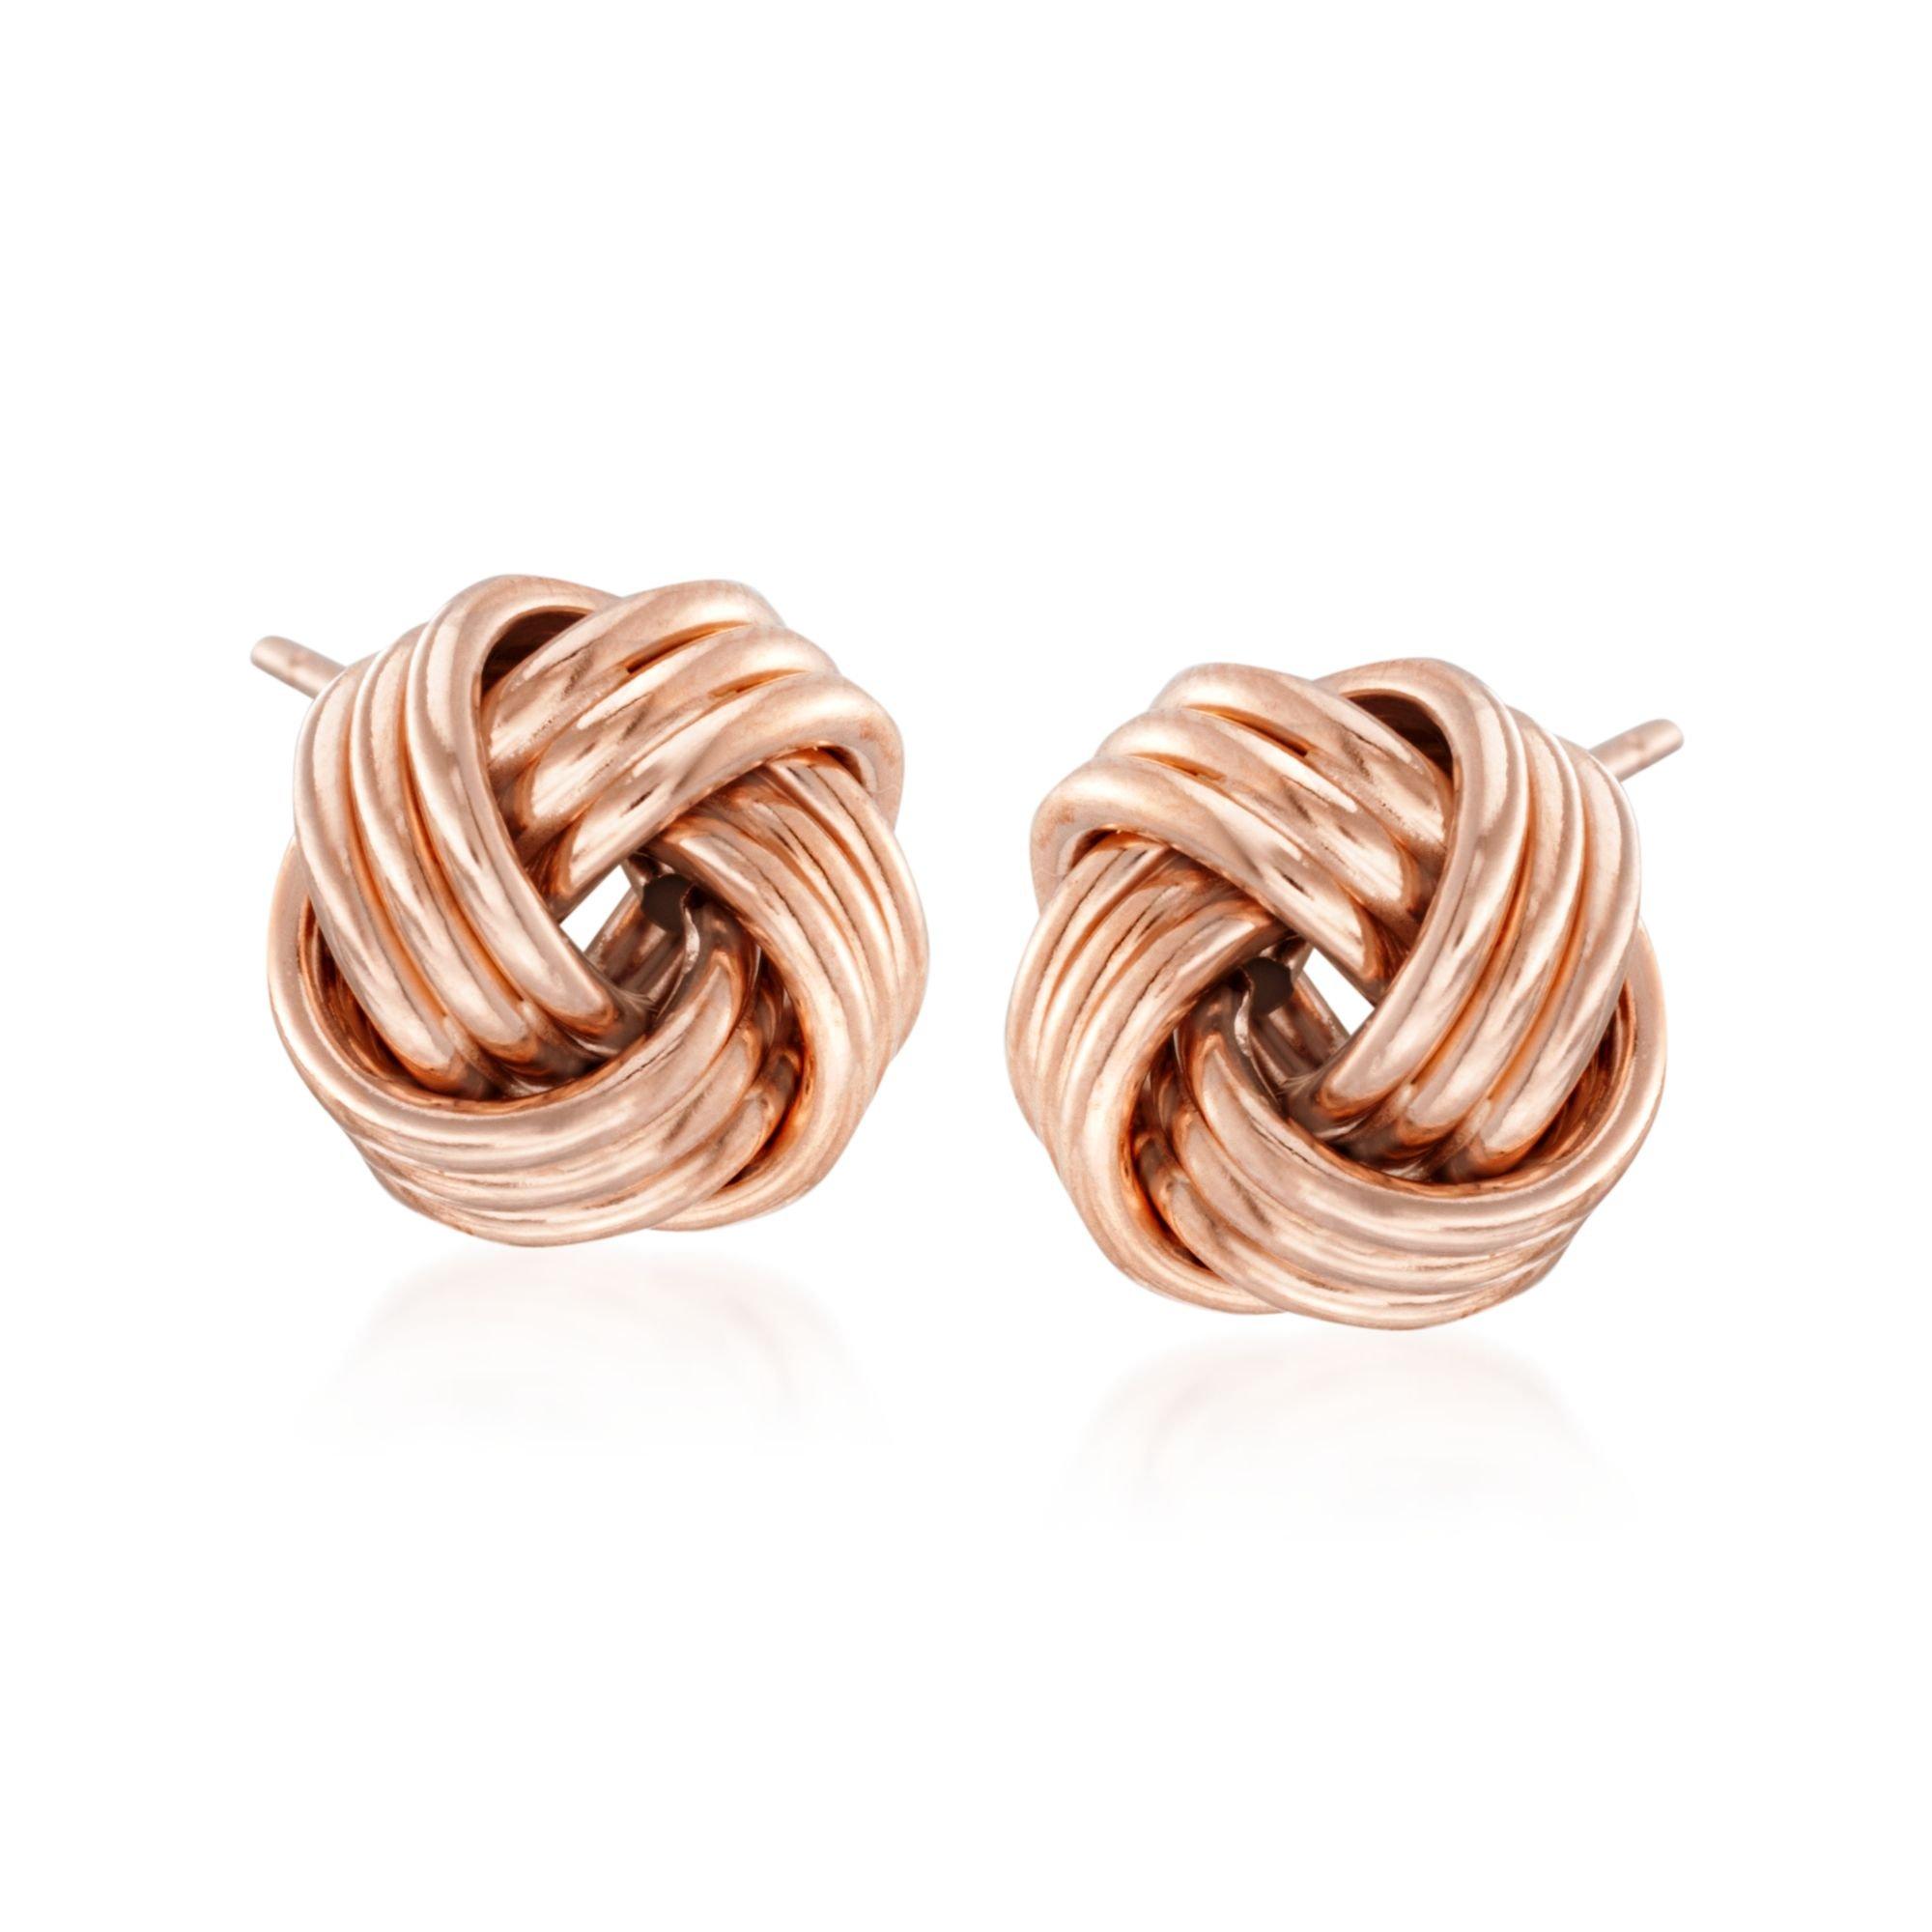 Ross-Simons 14kt Rose Gold Love Knot Stud Earrings